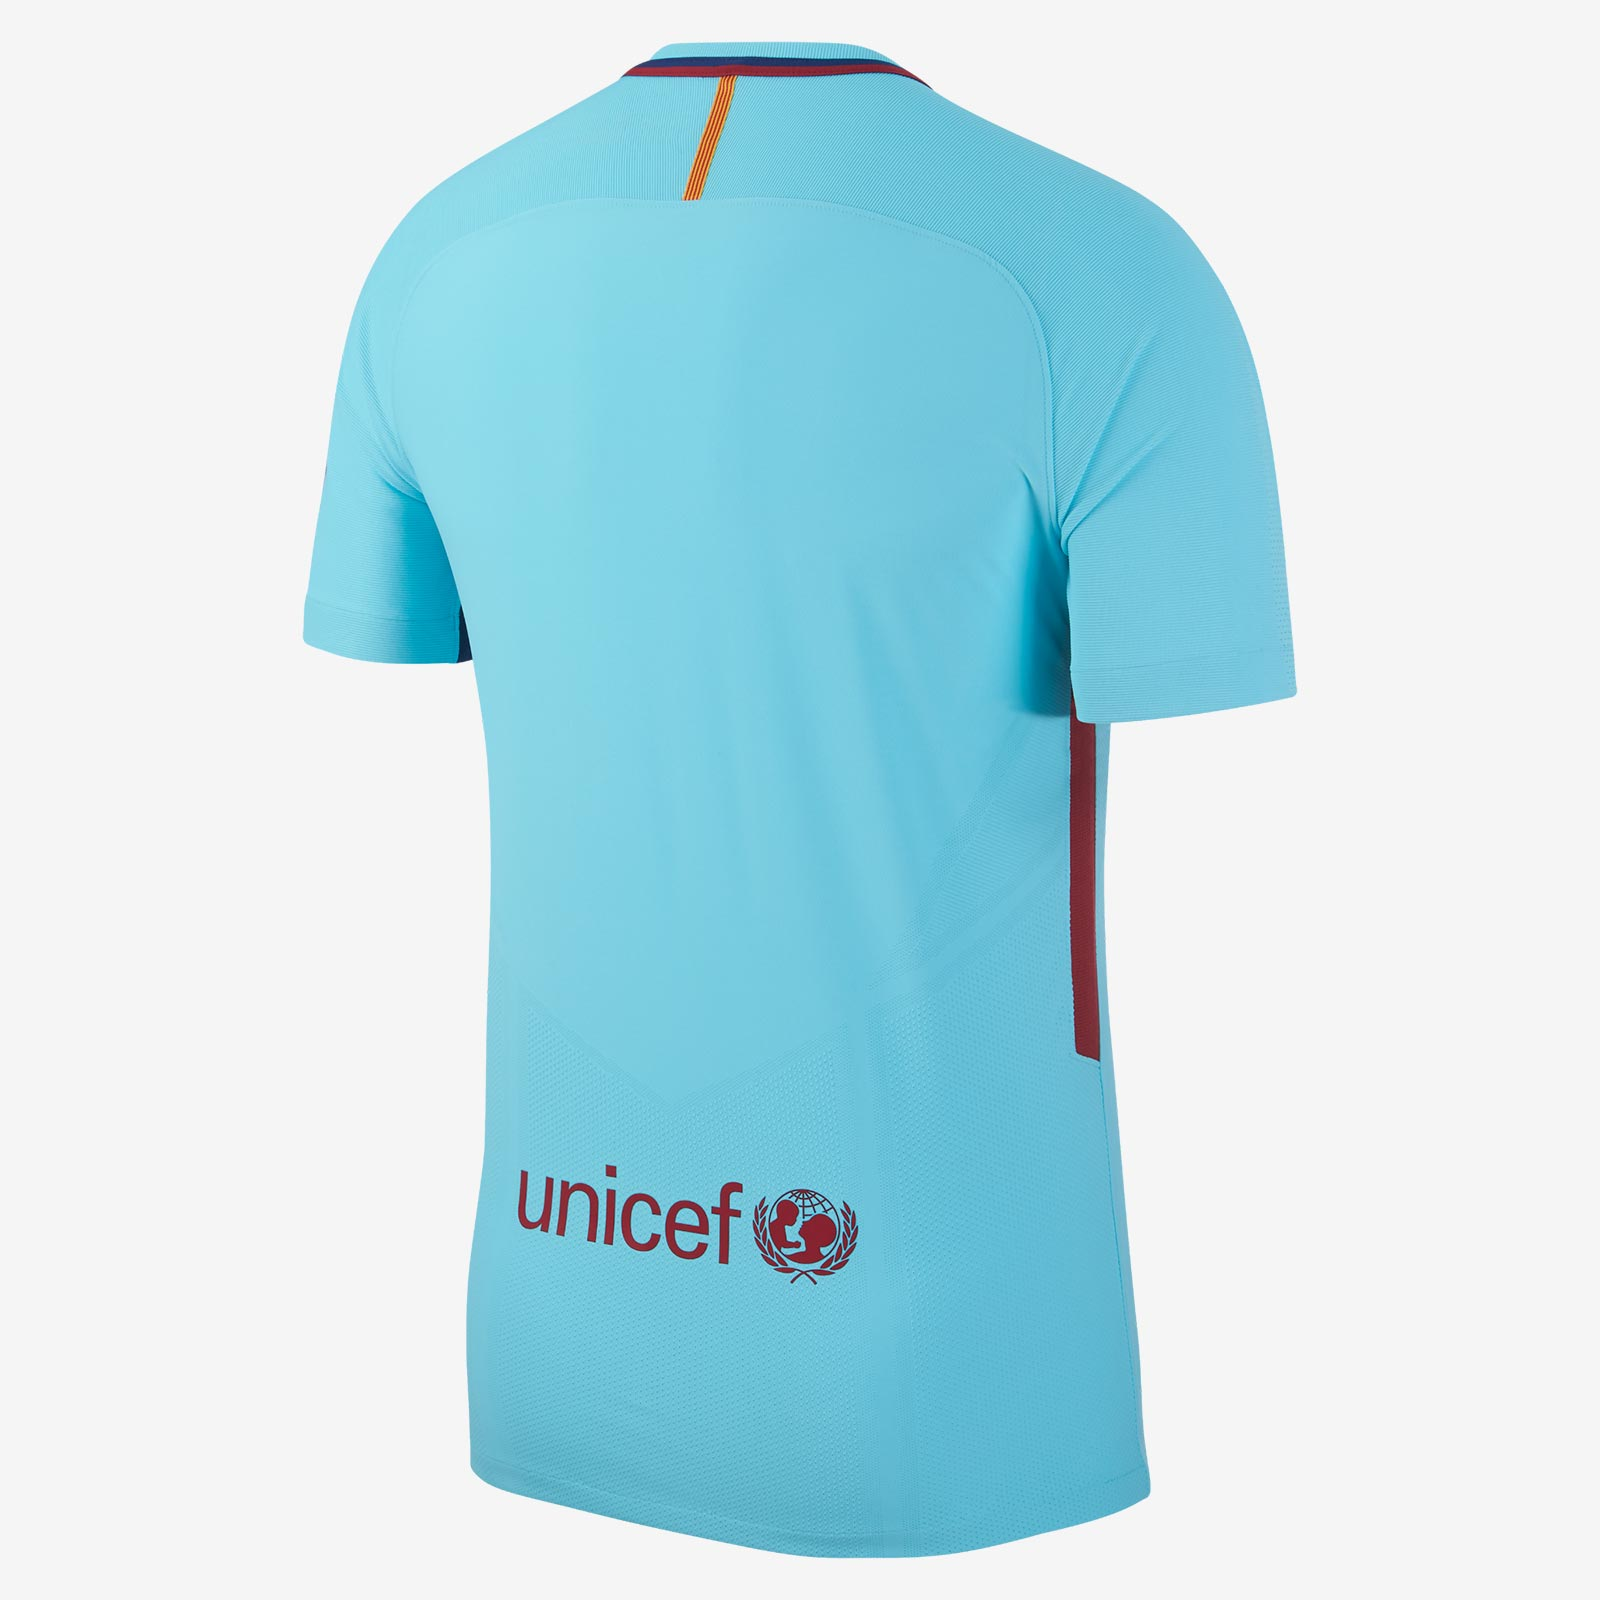 Voici le maillot du fc barcelone ext rieur 2017 2018 for Maillot barca exterieur 2017